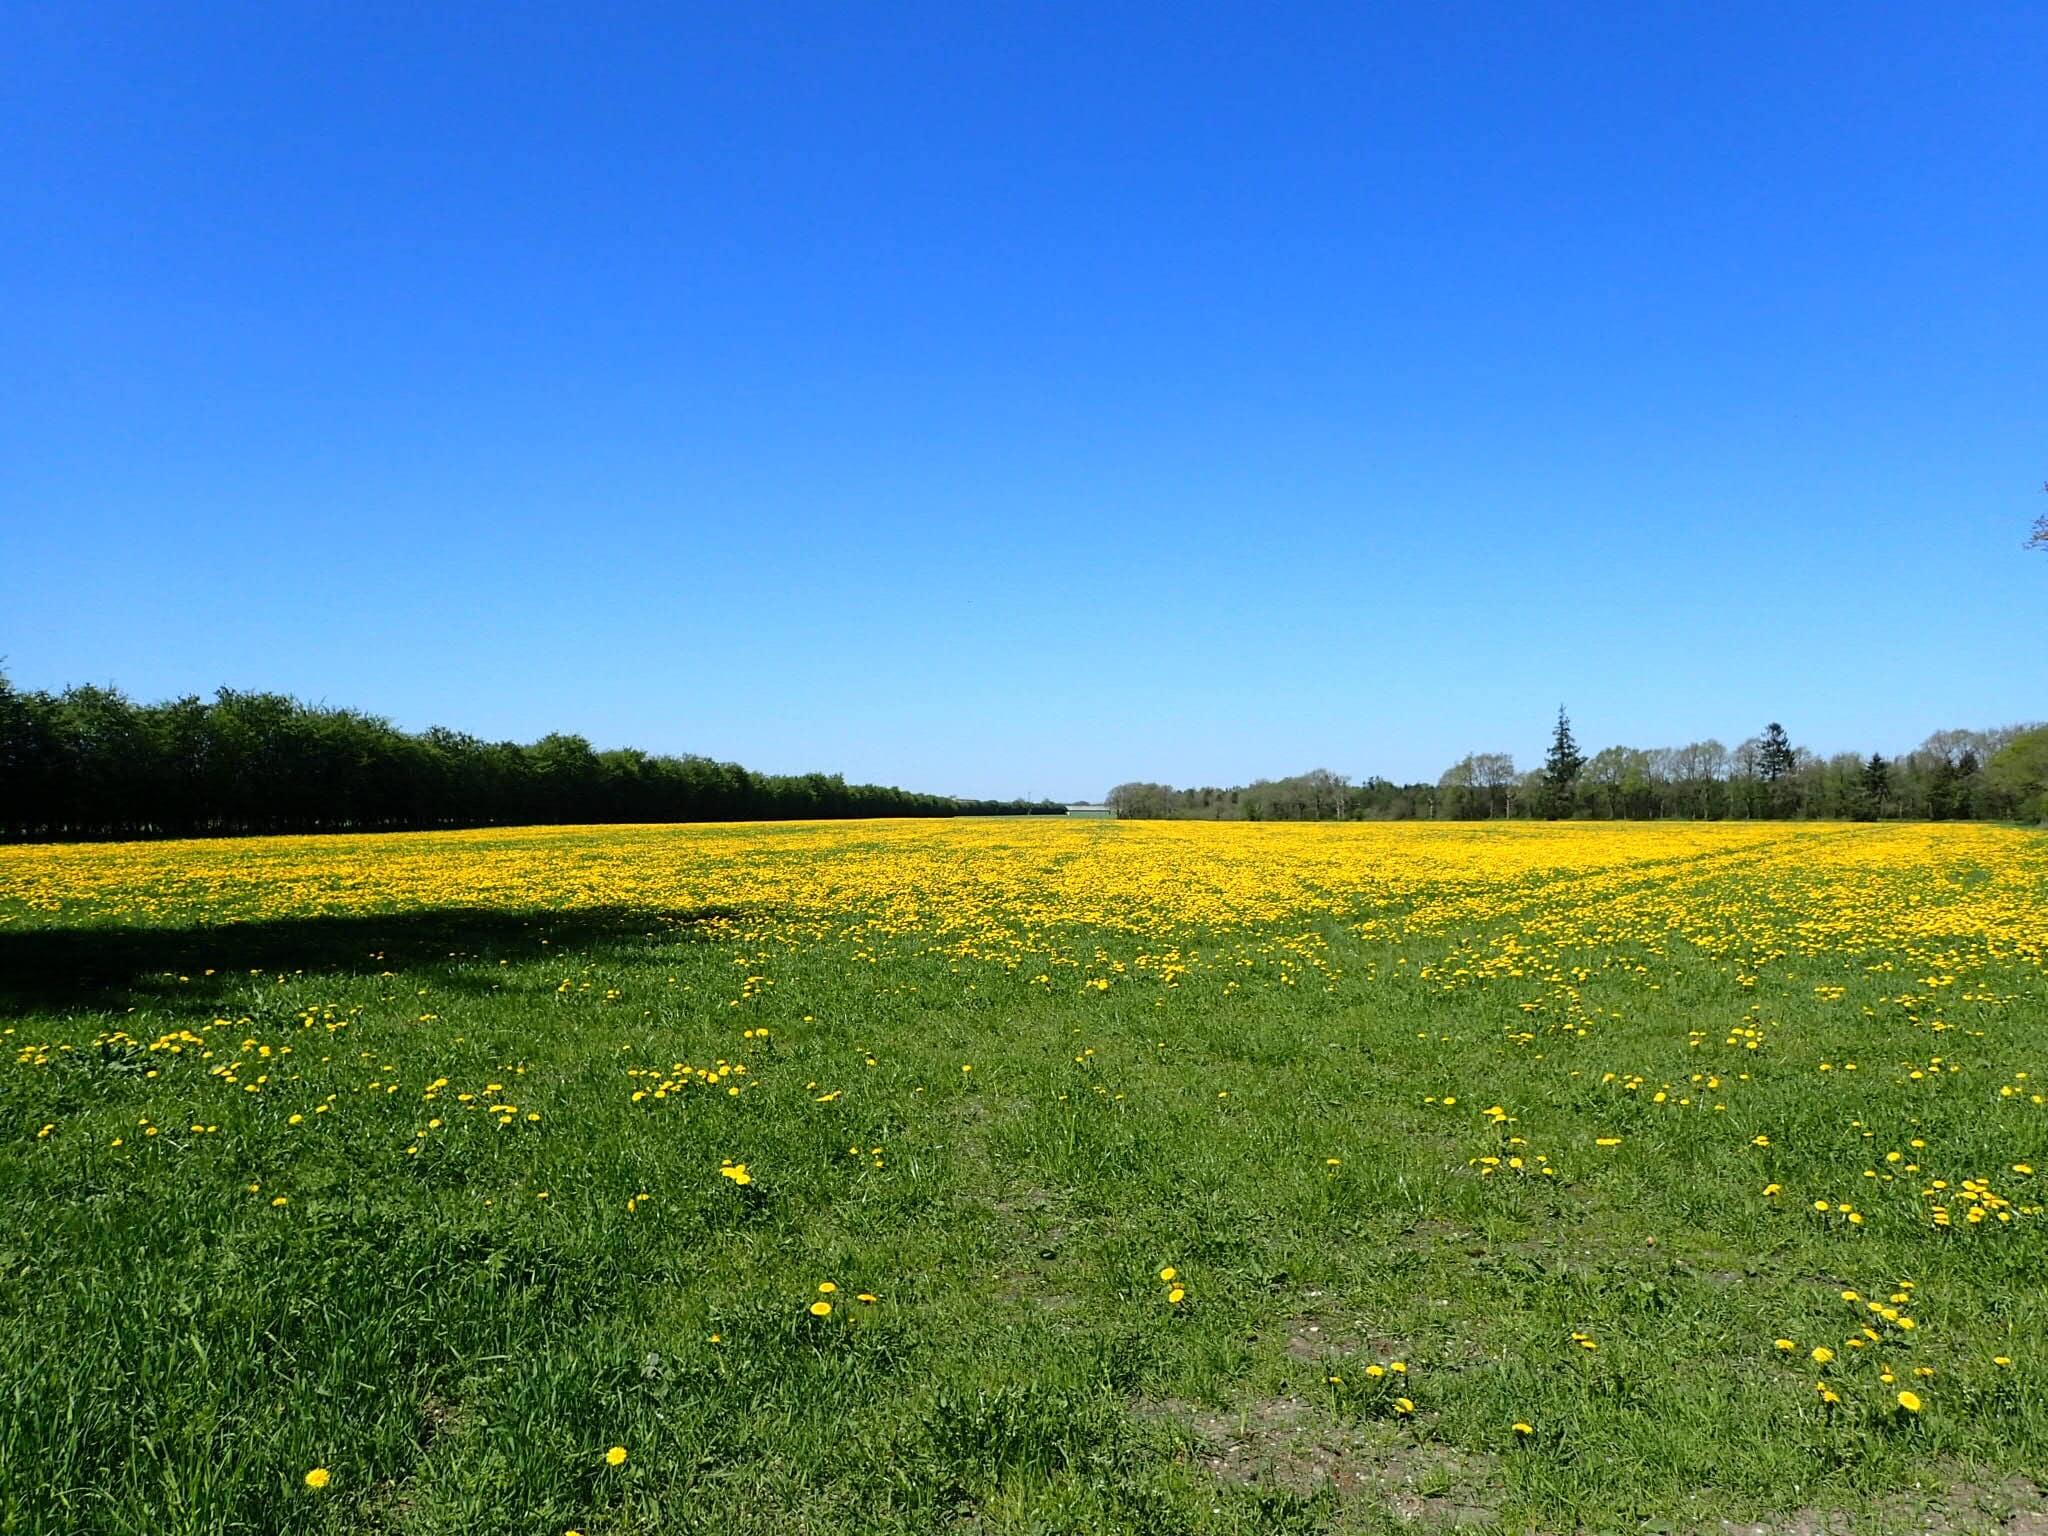 Field of dandelion flowers